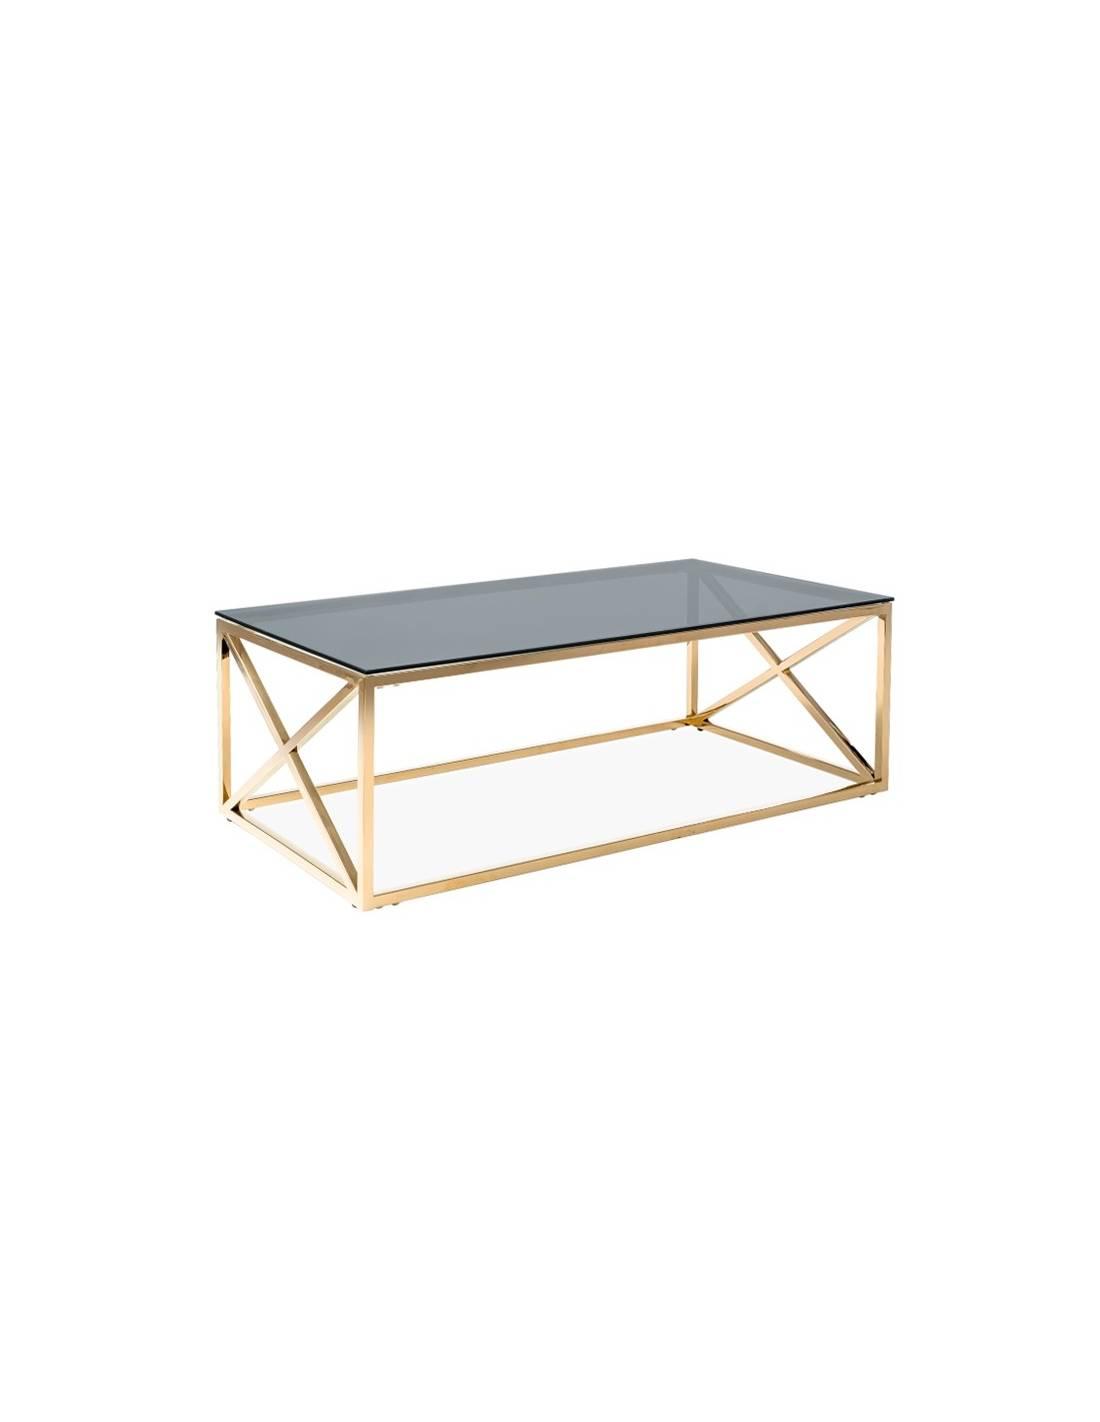 Metalowy złoty stolik kawowy z przyciemnionym szklanym blatem